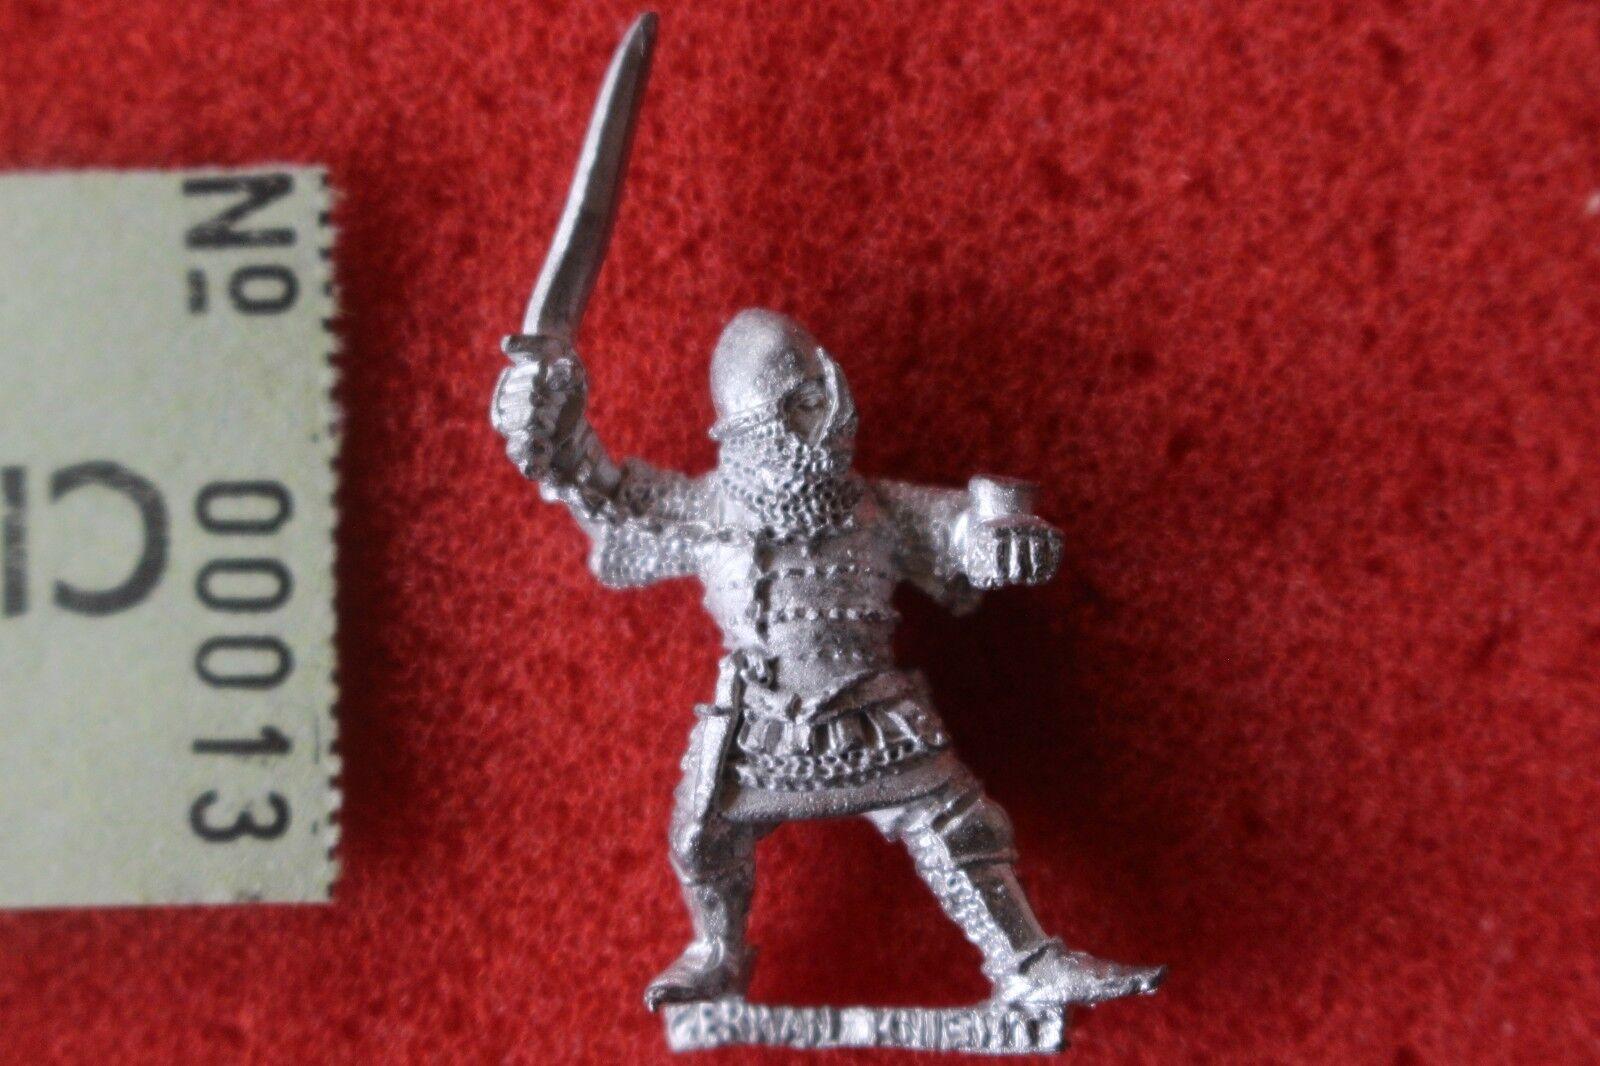 Spel arbetarhop Warhammer Bretonnian Knight Citadel män at Arms 89 Uncatalog